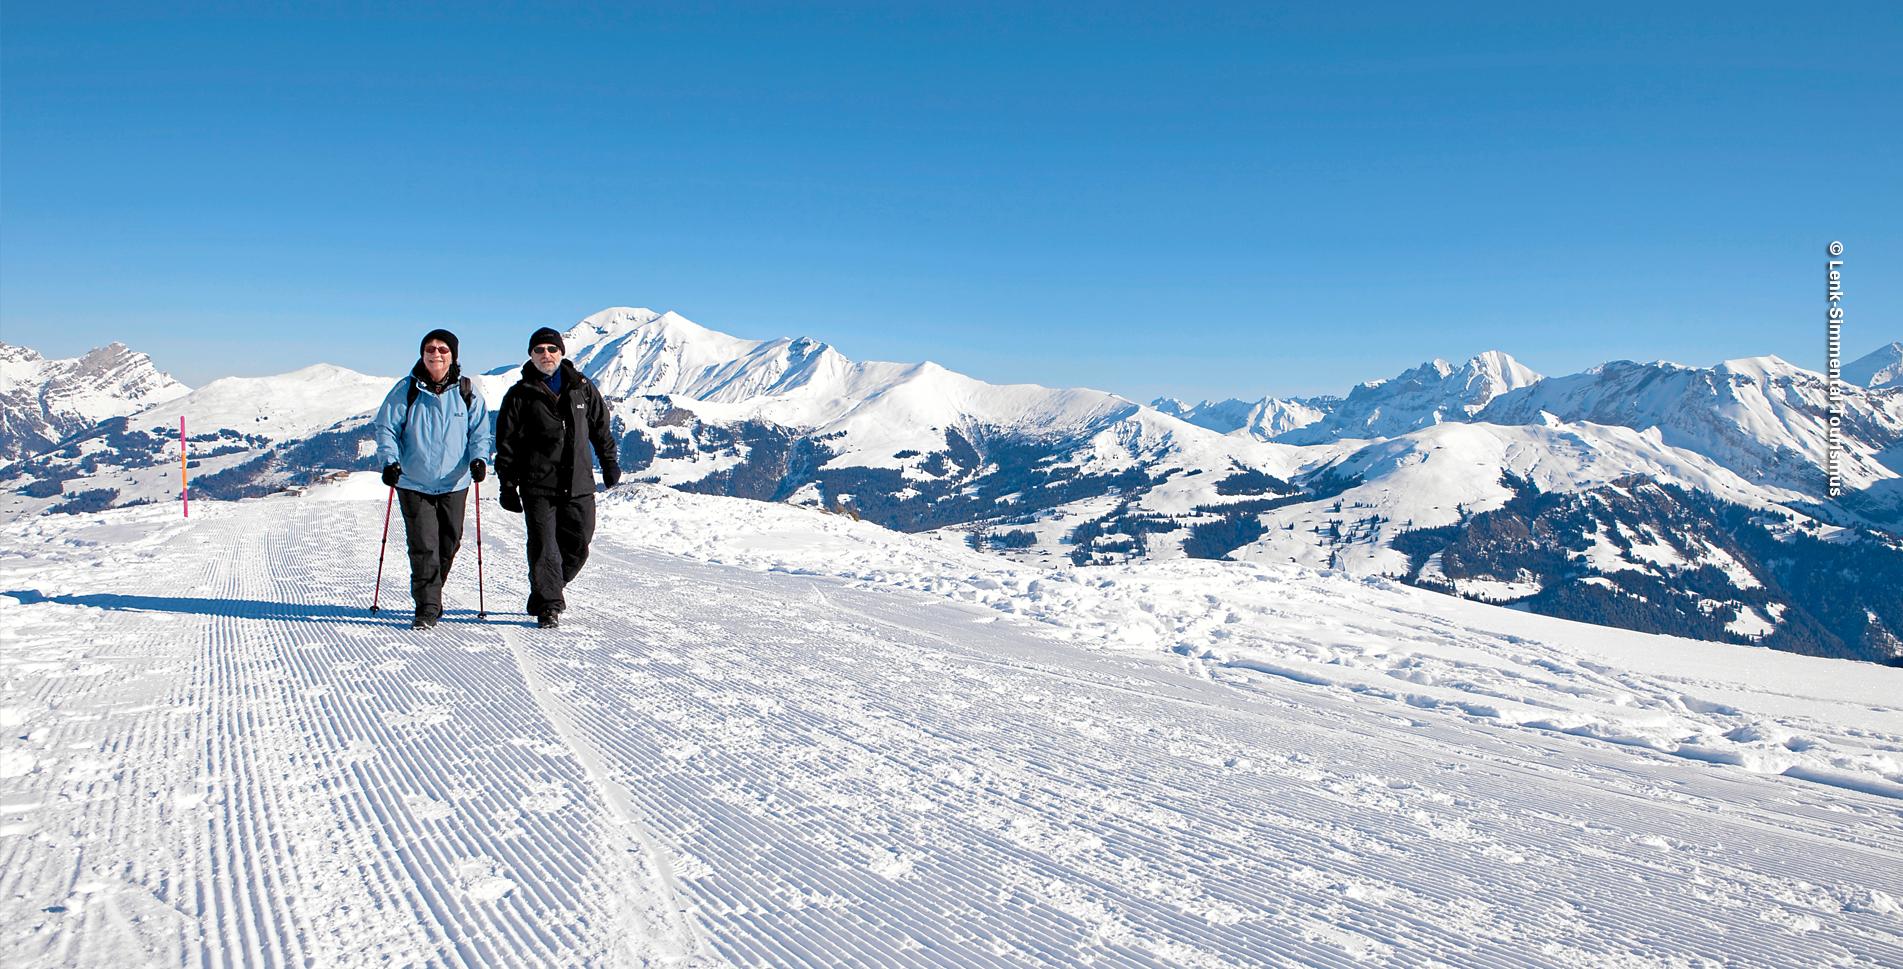 Winterwanderung von der Lenk Betelberg auf das Leiterli und Haslerberg und wieder zurück zum Betelberg